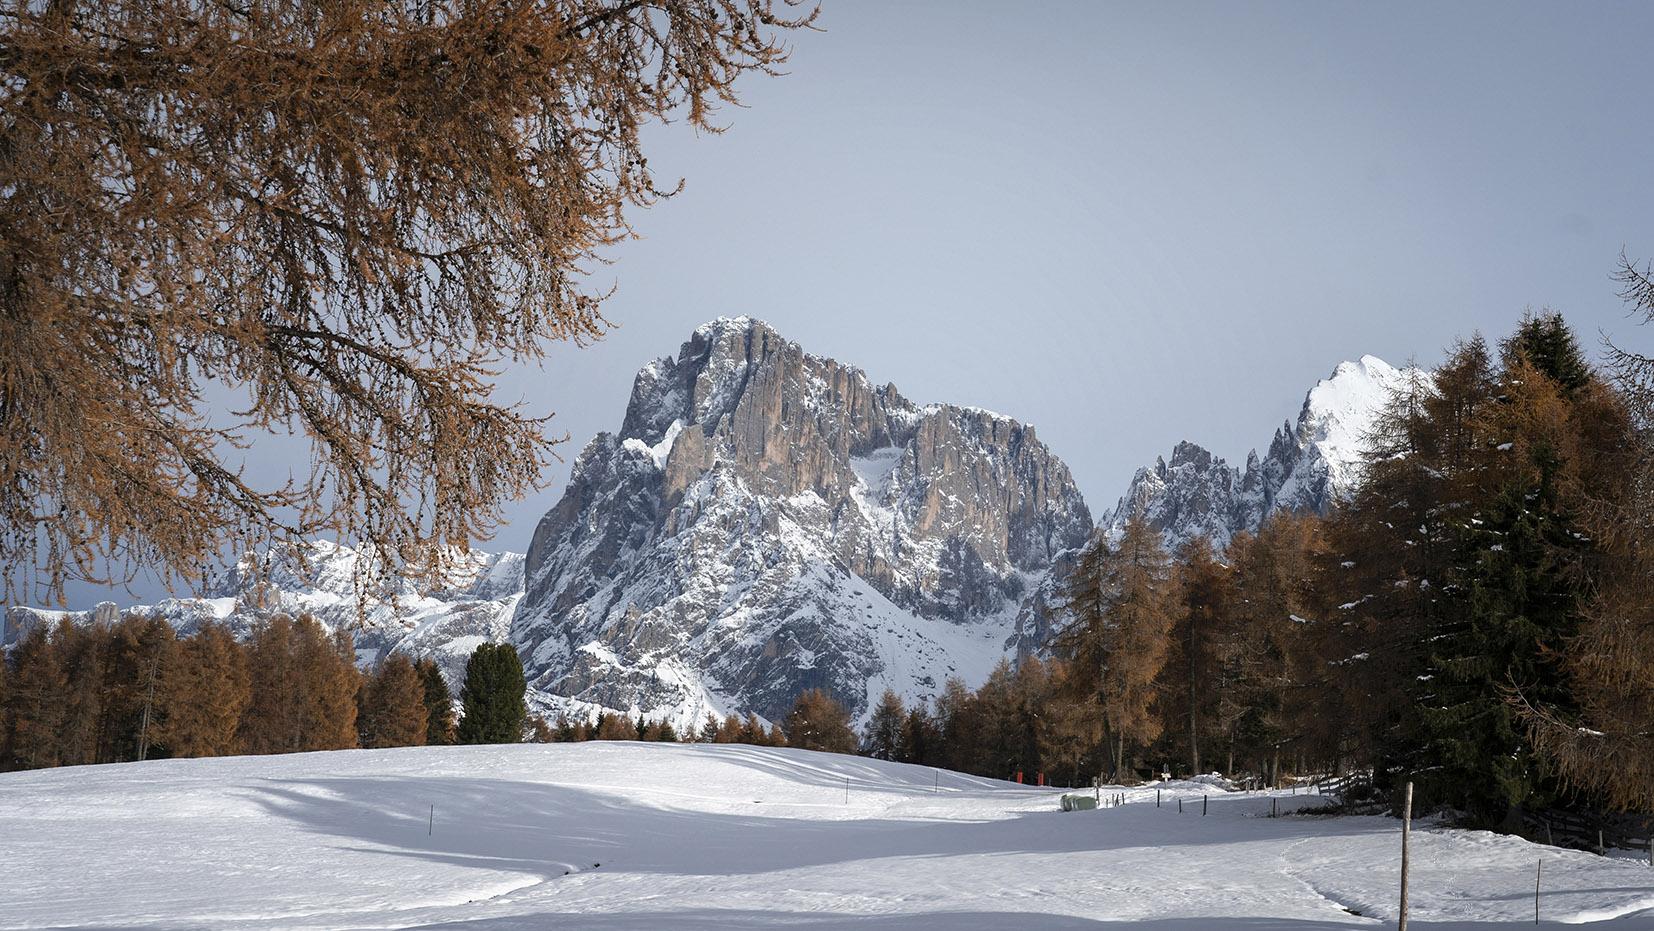 Une semaine dans les Dolomites Alpe di Suisi contraste neige automne sapins rouges montagnes